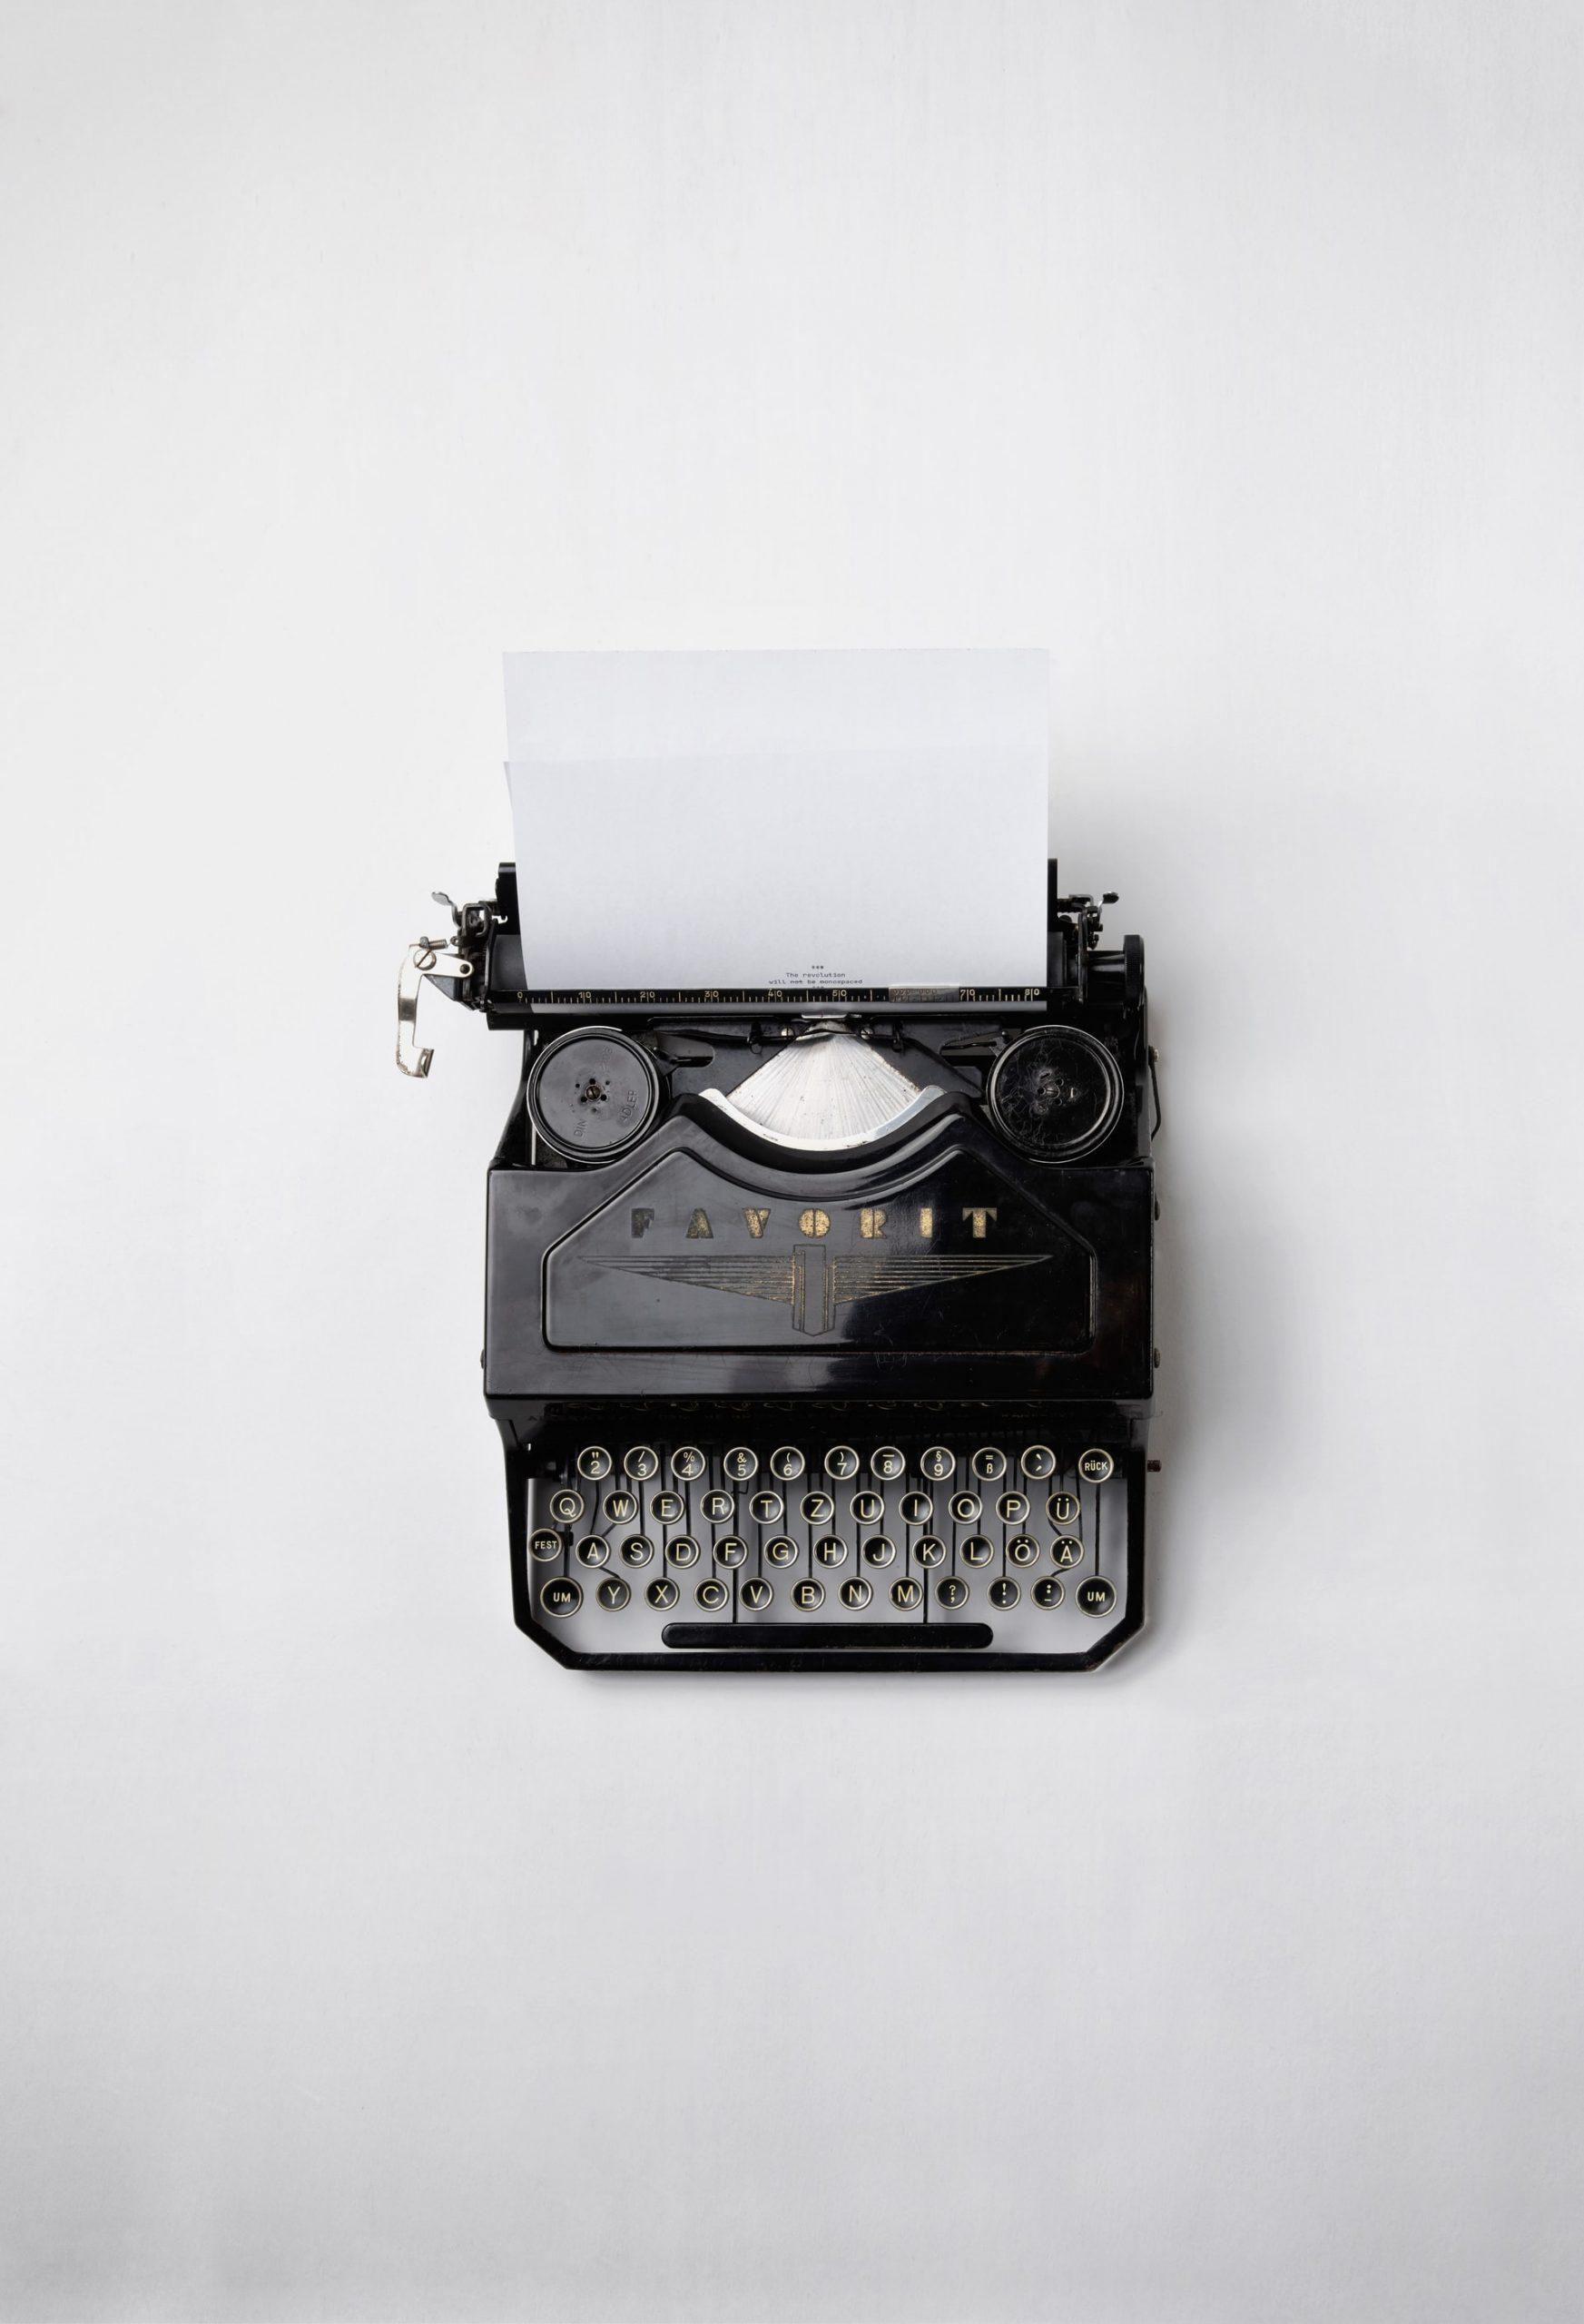 maquina de escrever antiga e preta